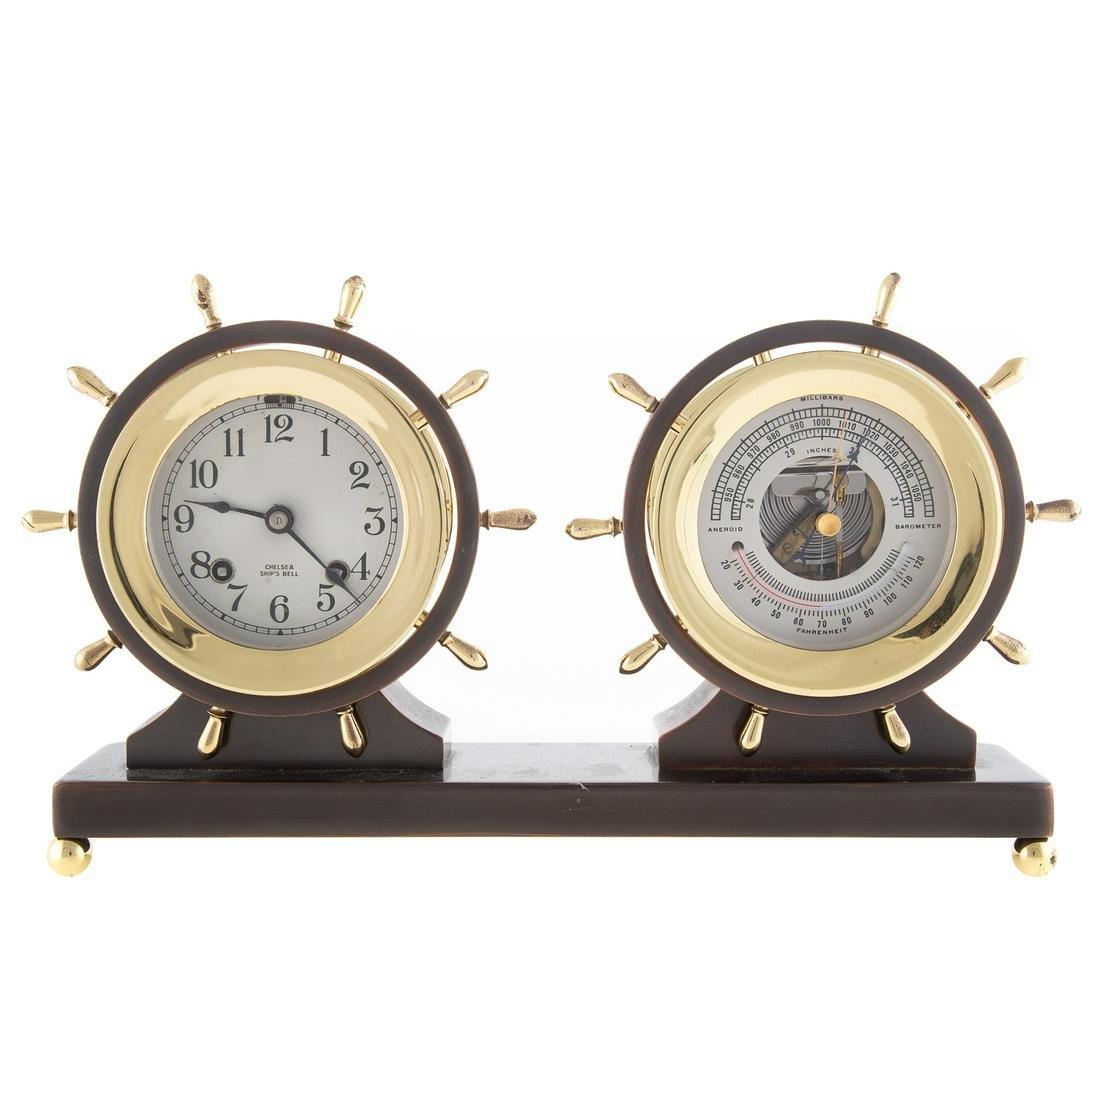 Chelsea Brass/ Patinated Metal Clock & Barometer